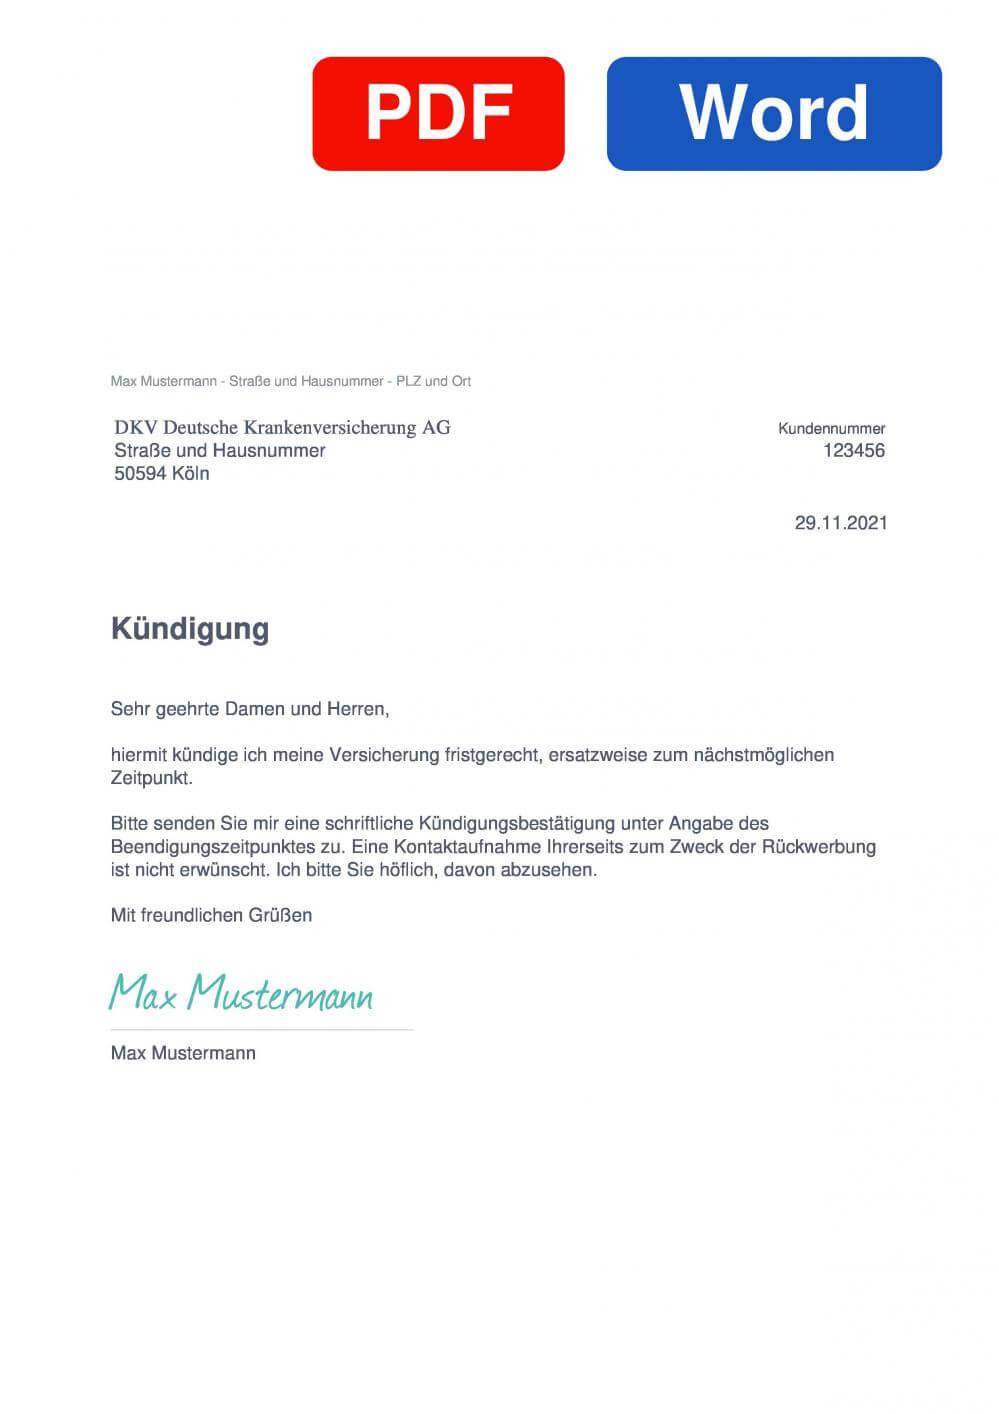 DKV Deutsche Krankenversicherung Muster Vorlage für Kündigungsschreiben